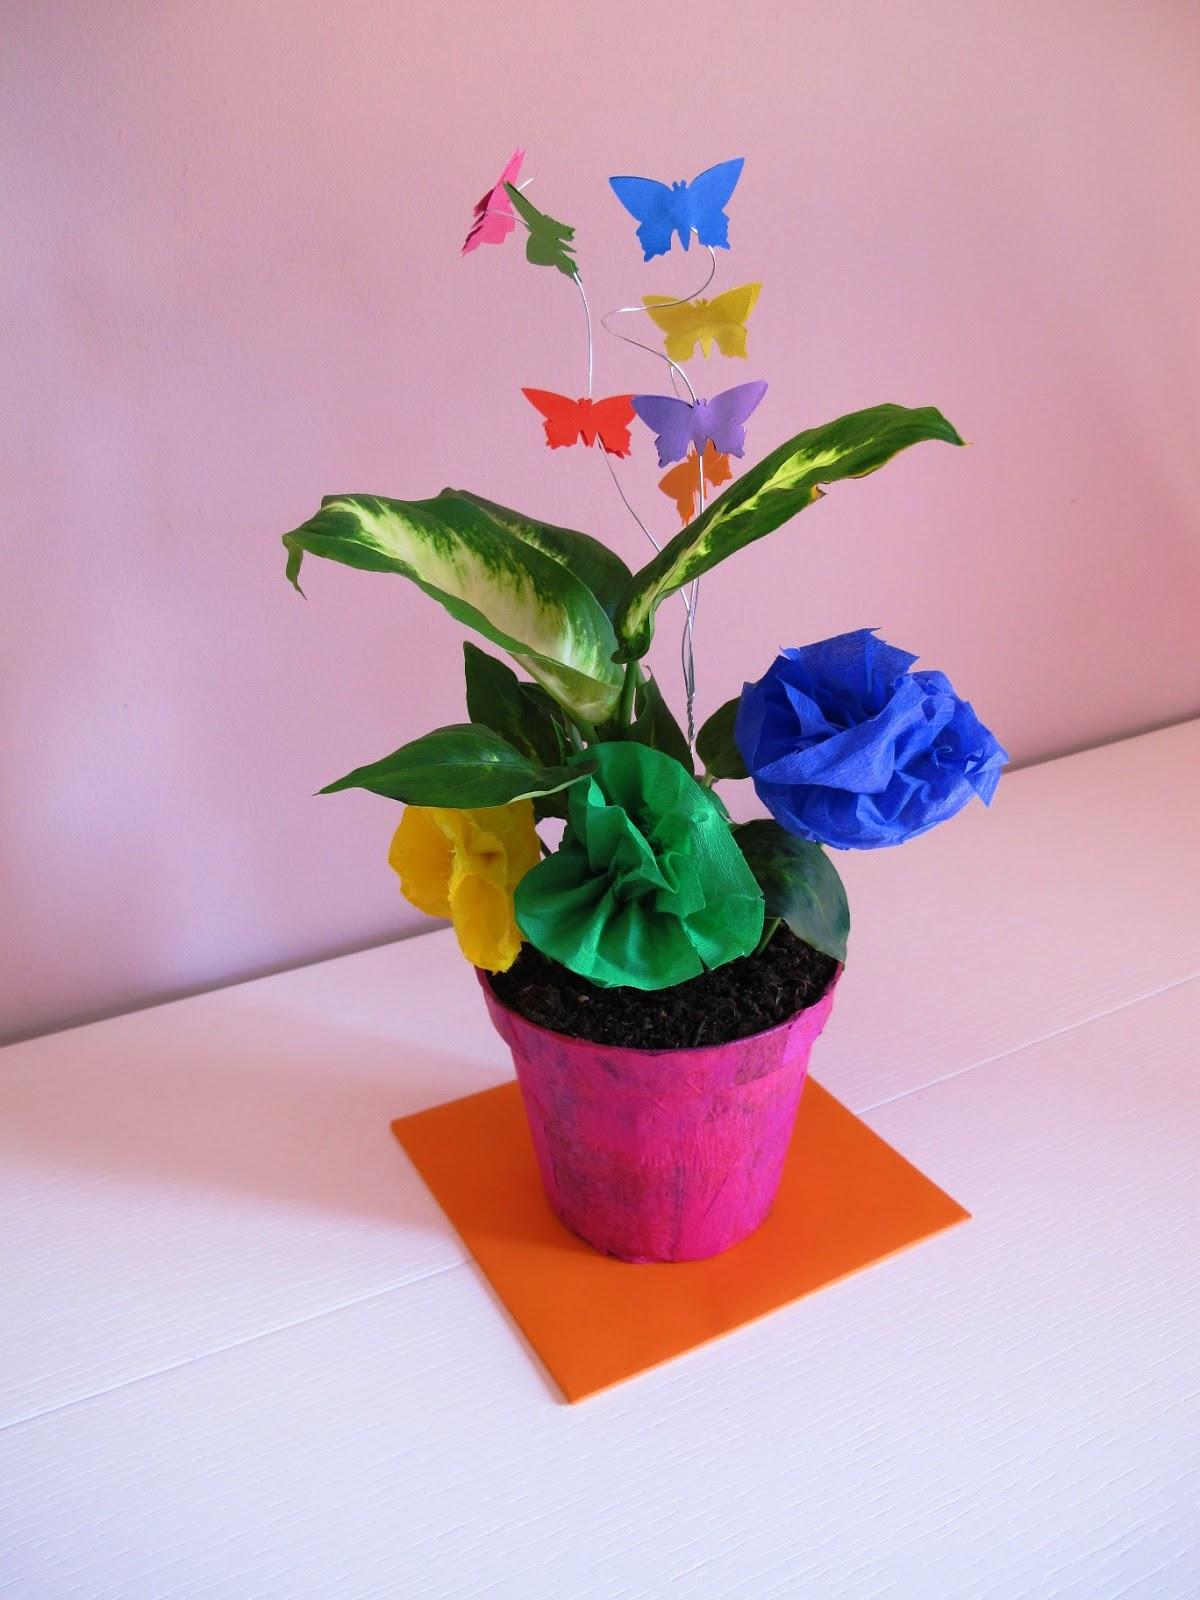 Angolino di liana decorazioni battesimo fai da te centrotavola con fiori e farfalle di carta - Decorazioni carta fai da te ...